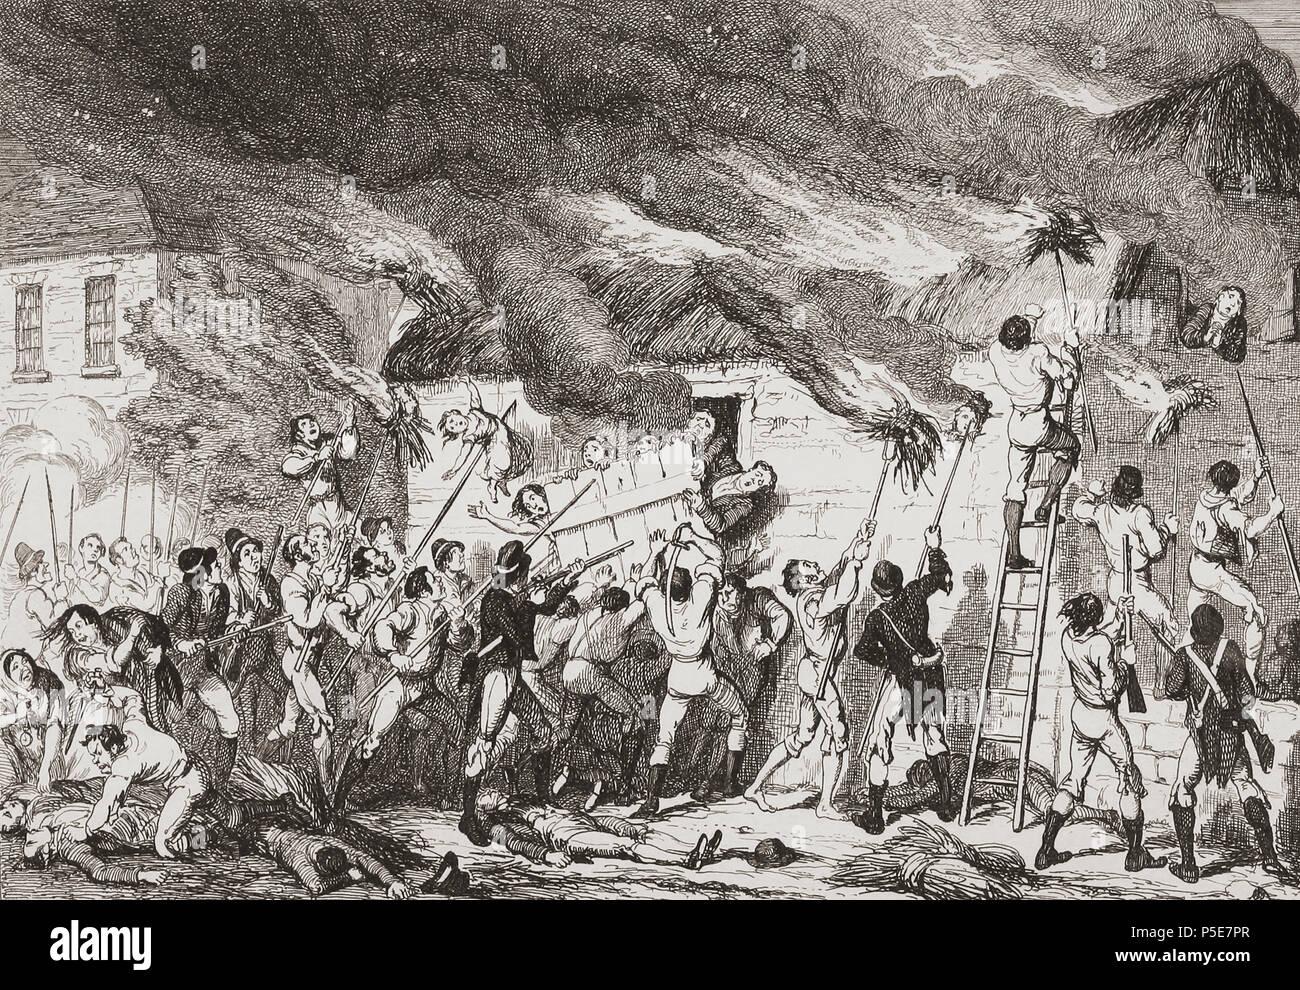 """""""Masacre en Scullabogue"""". Ilustración por George Cruikshank. La masacre fue una atrocidad cometida por insurgentes durante la rebelión irlandesa de 1798 que costó la vida de más de 100 no combatientes, hombres, mujeres y niños. Tuvo lugar en Scullabogue, cerca Newbawn, Condado de Wexford. De la historia de la rebelión irlandesa en 1798; con memorias de la Unión, y Emmett la insurrección en 1803 por W.H. Maxwell. Publicado en Londres 1854. Foto de stock"""